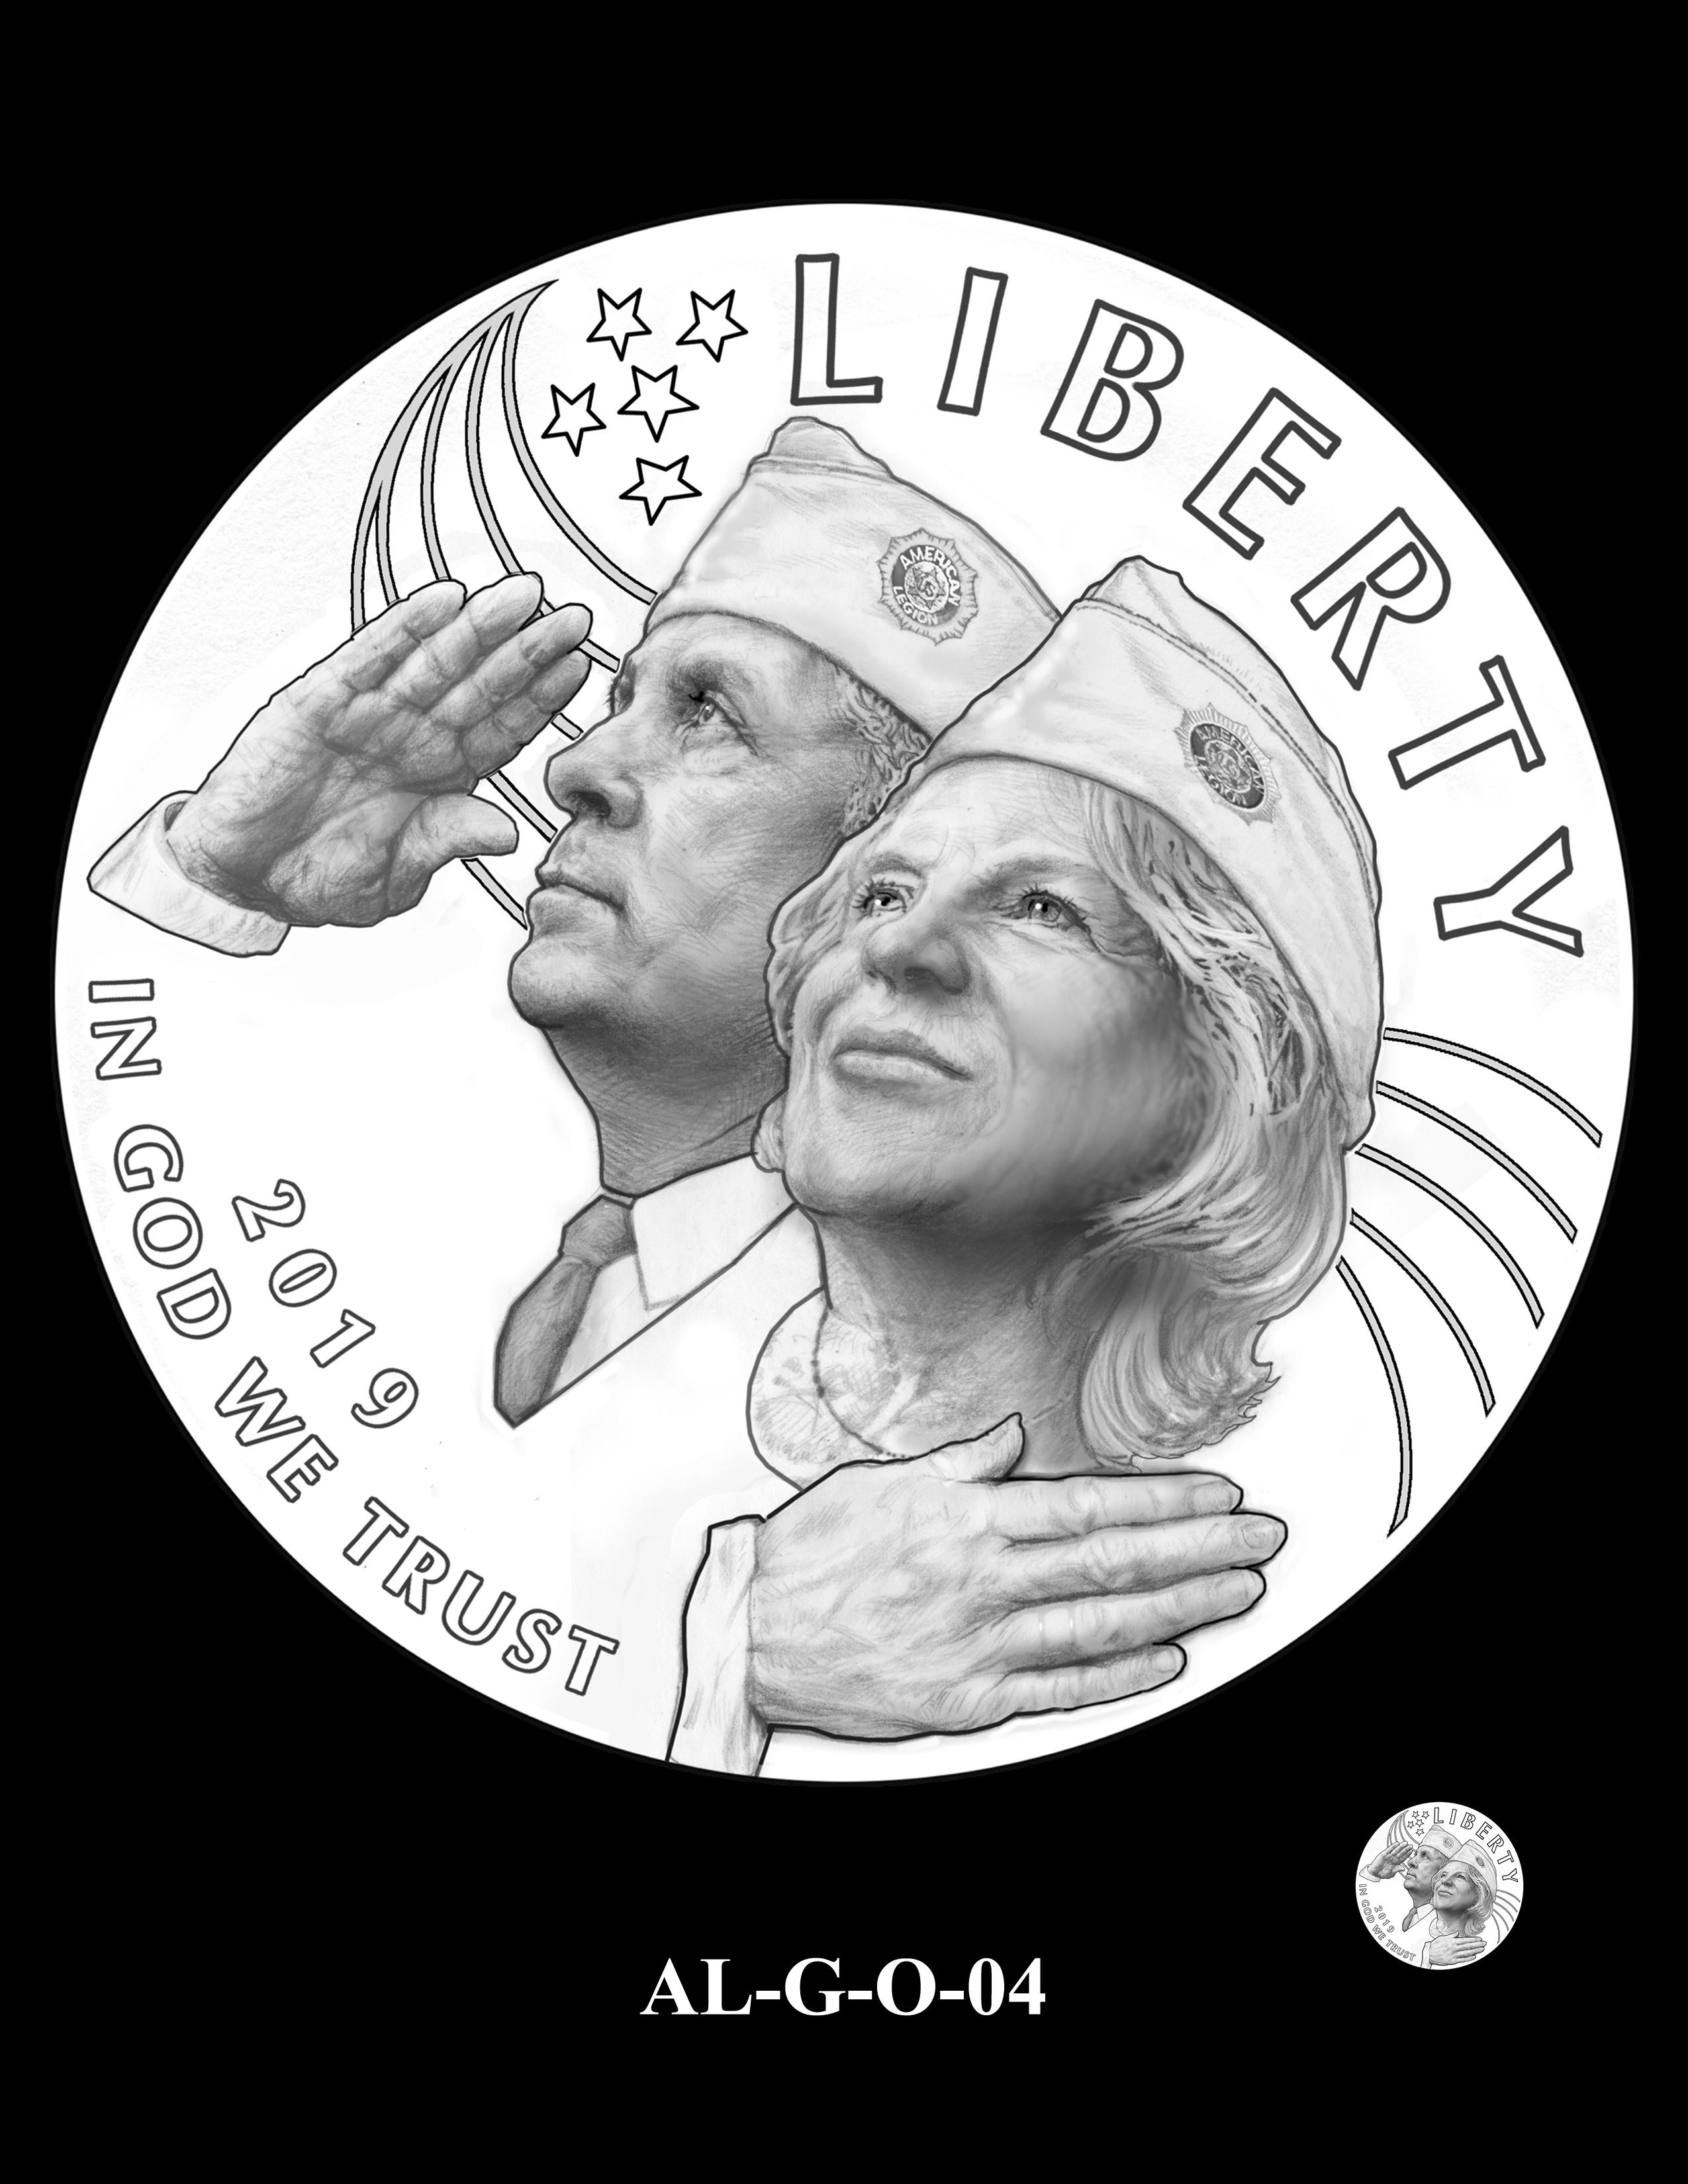 AL-G-O-04 -- 2019 American Legion 100th Anniversary Commemorative Coin Program - Gold Obverse